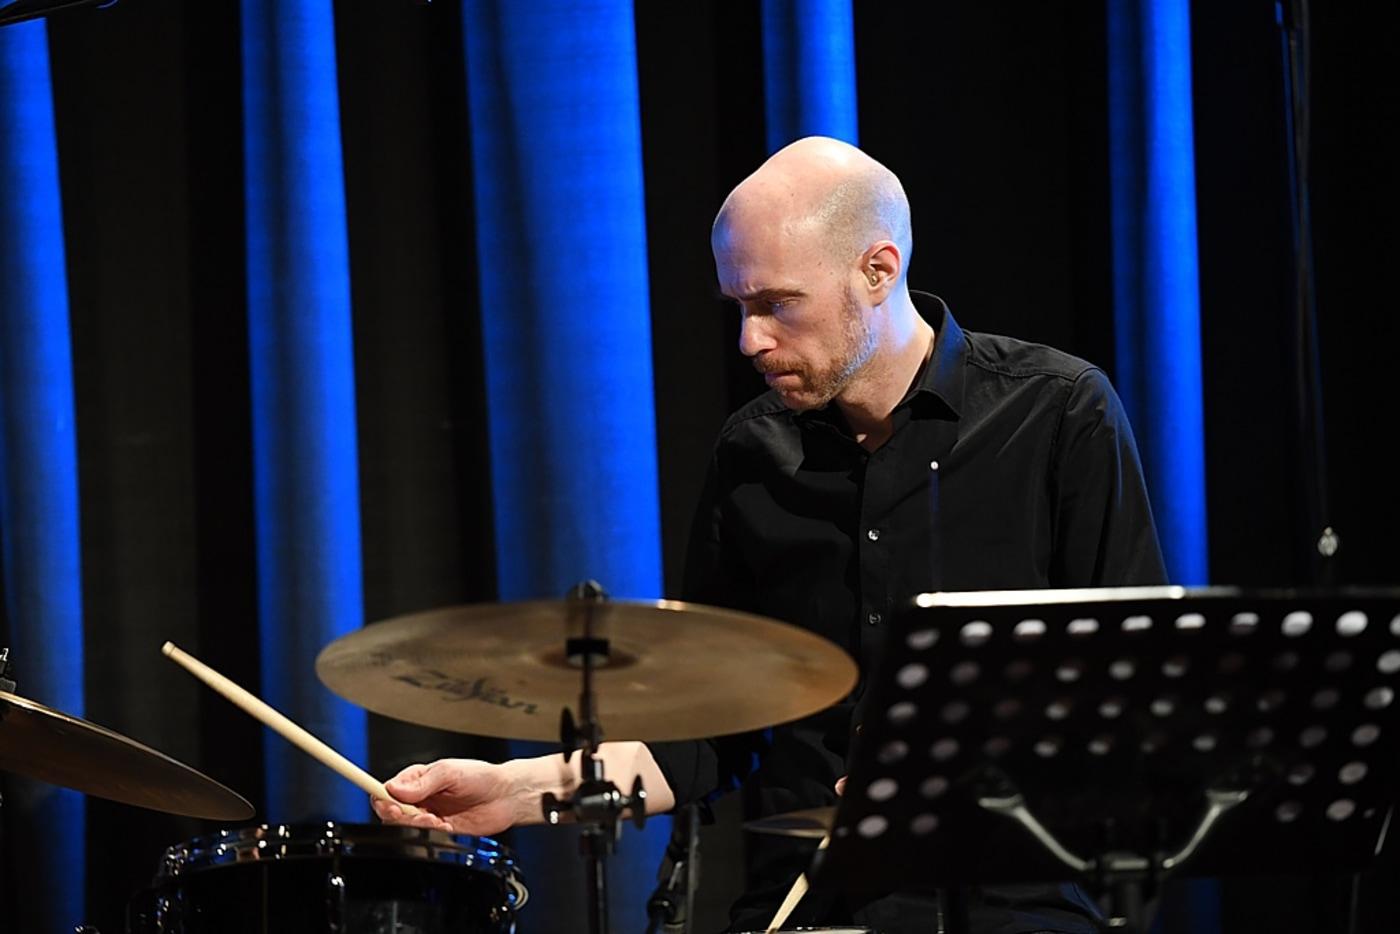 Bastian Jütte